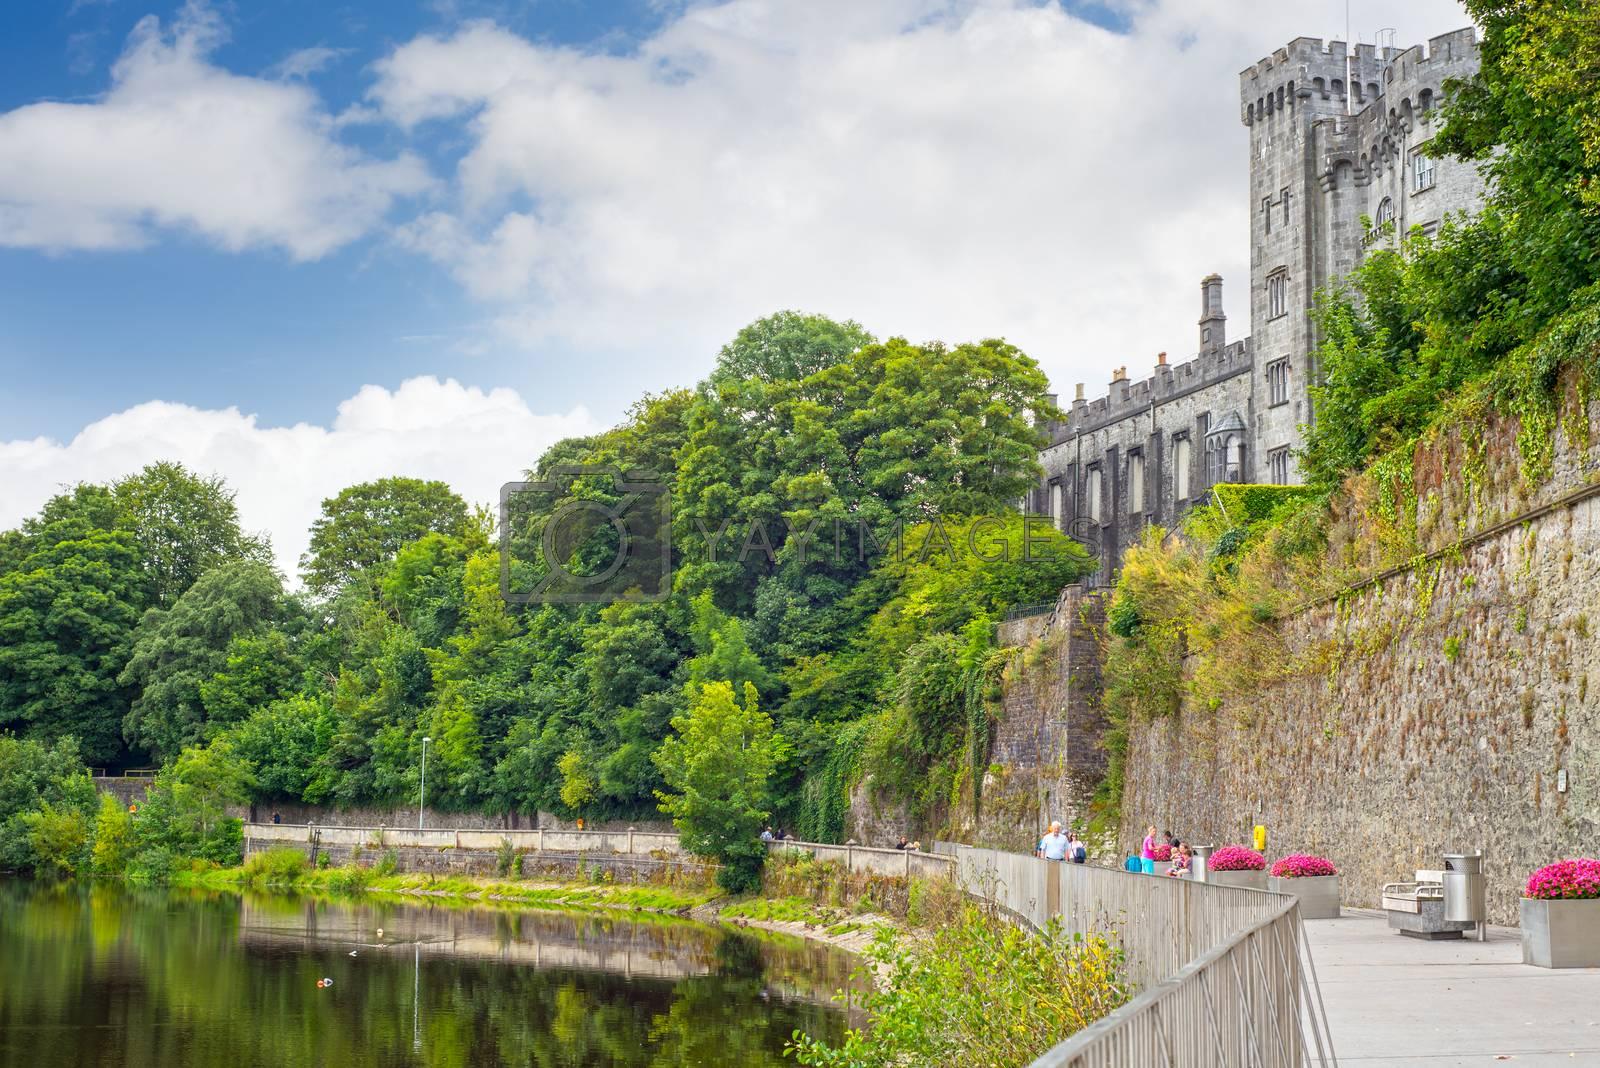 riverside walk next to the kilkenny castle in ireland